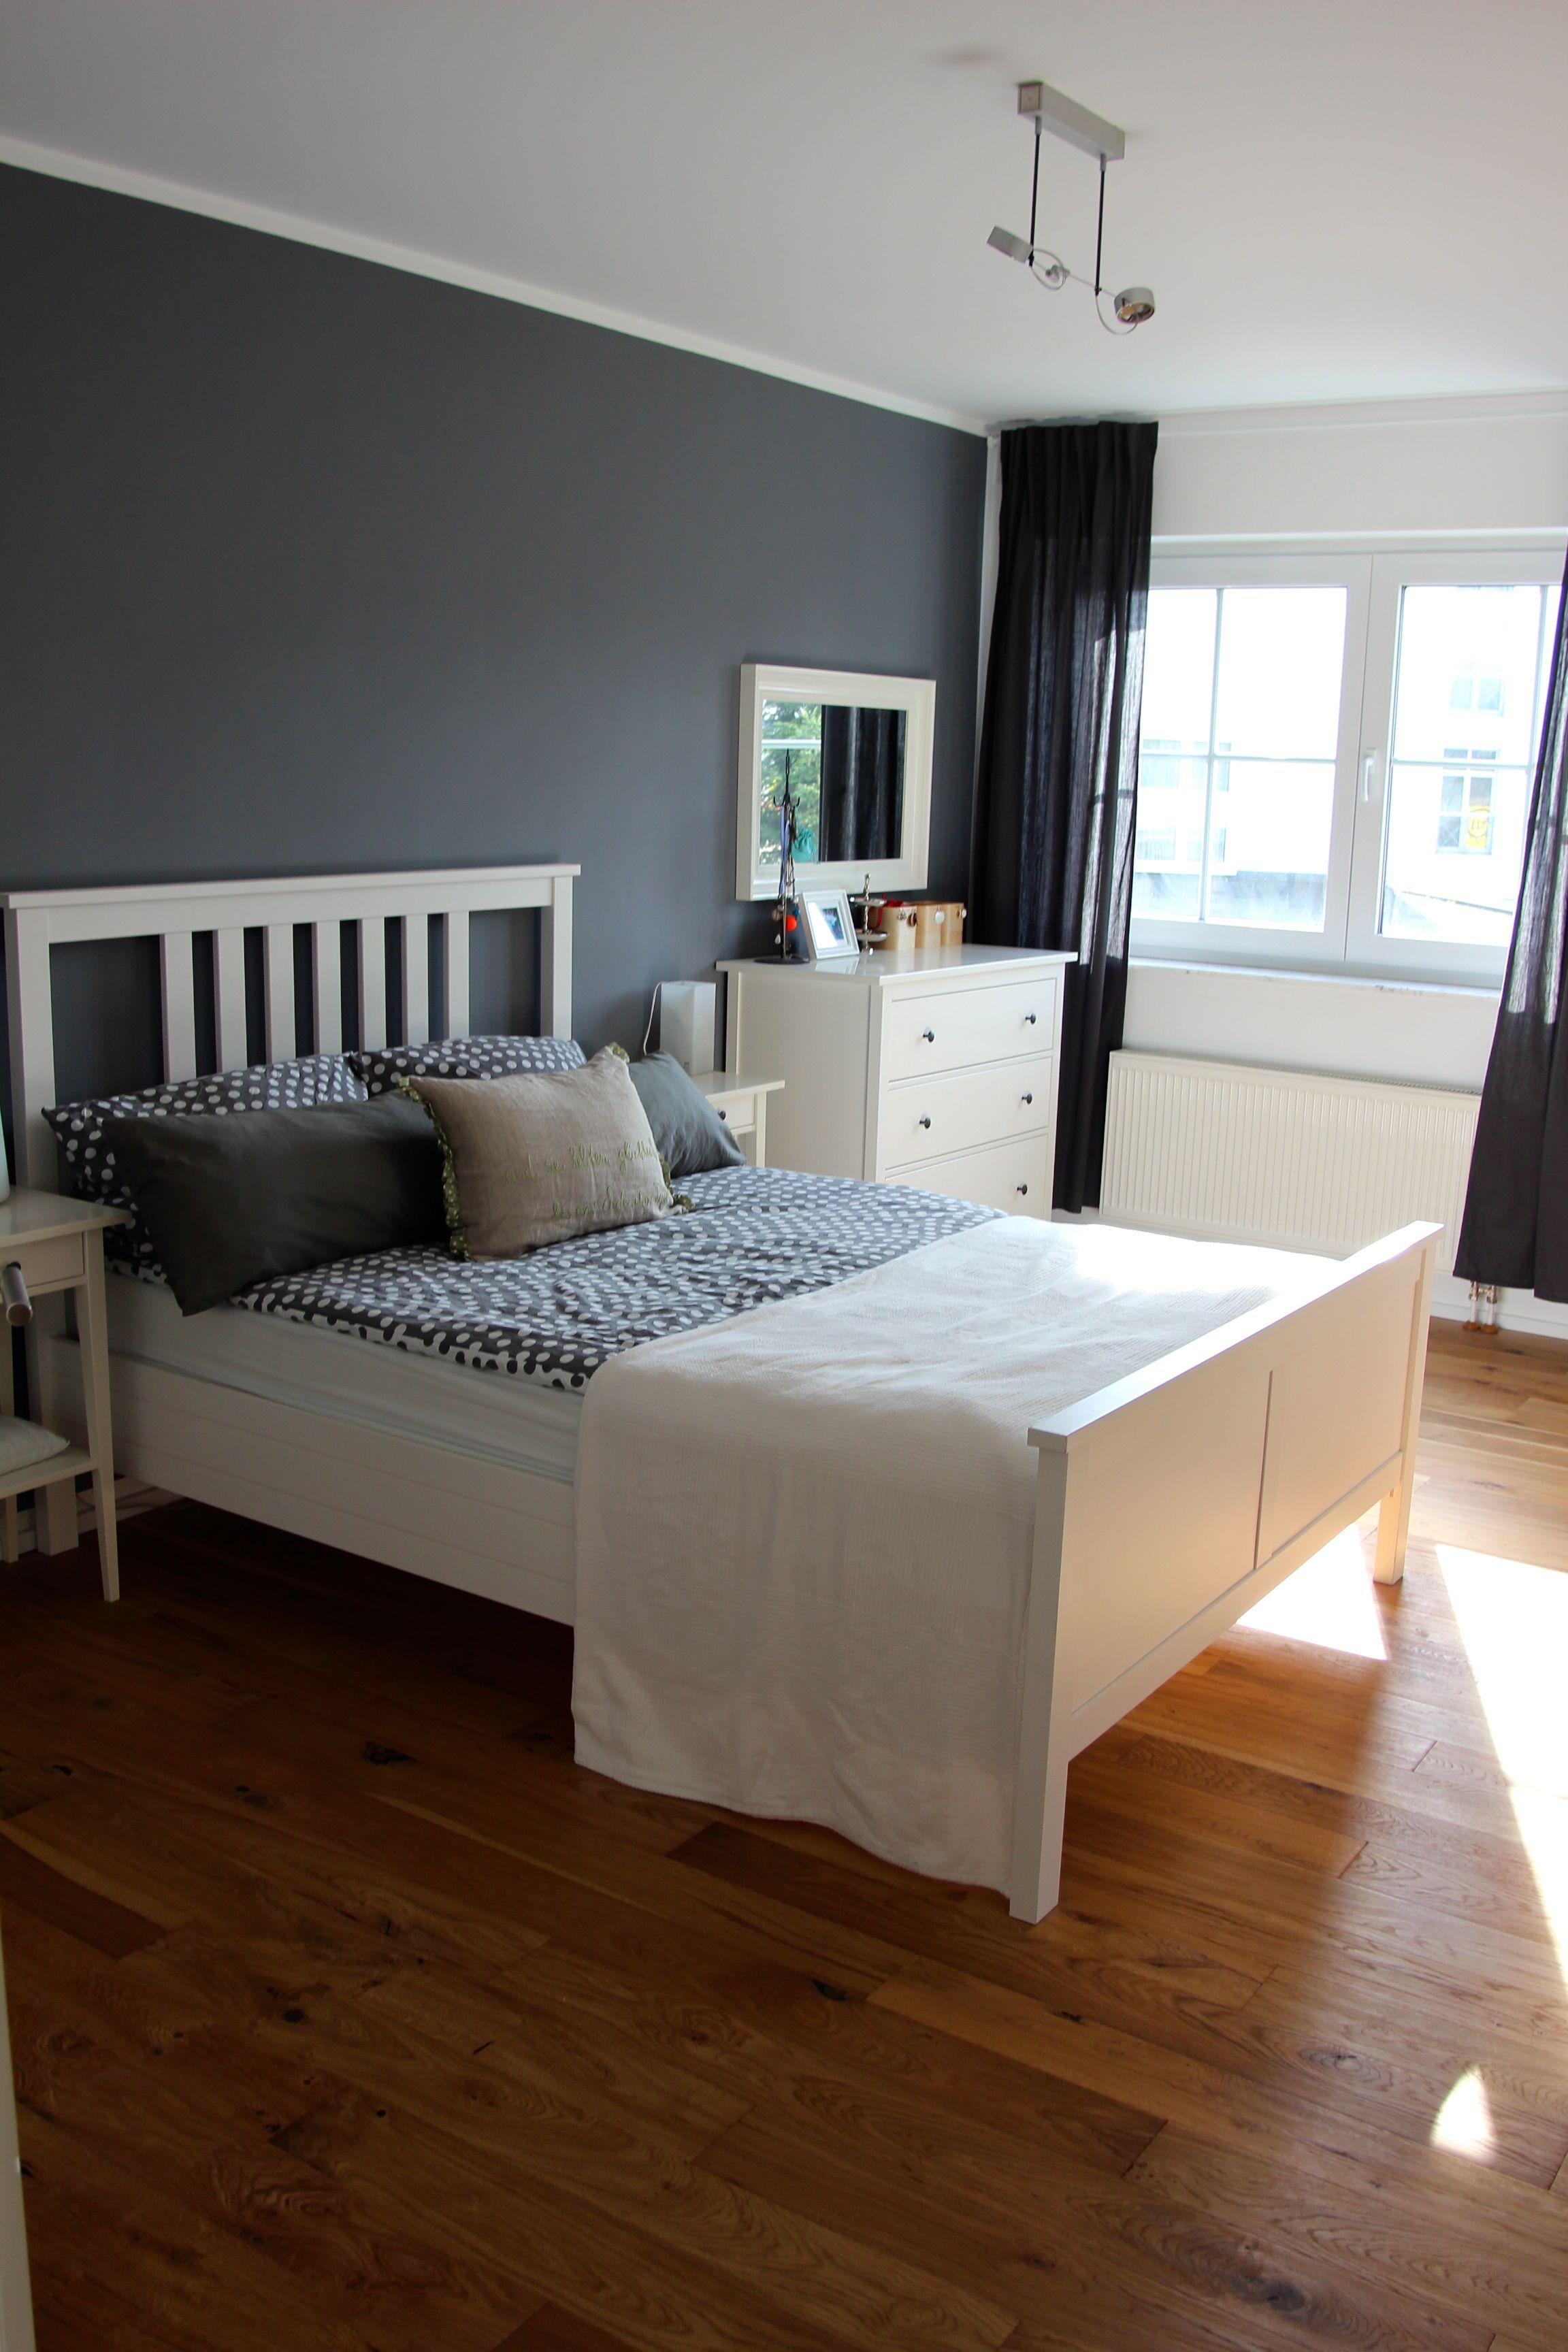 Die Schönsten Schlafzimmer | Schöne Ideen Fürs Schlafzimmer ...